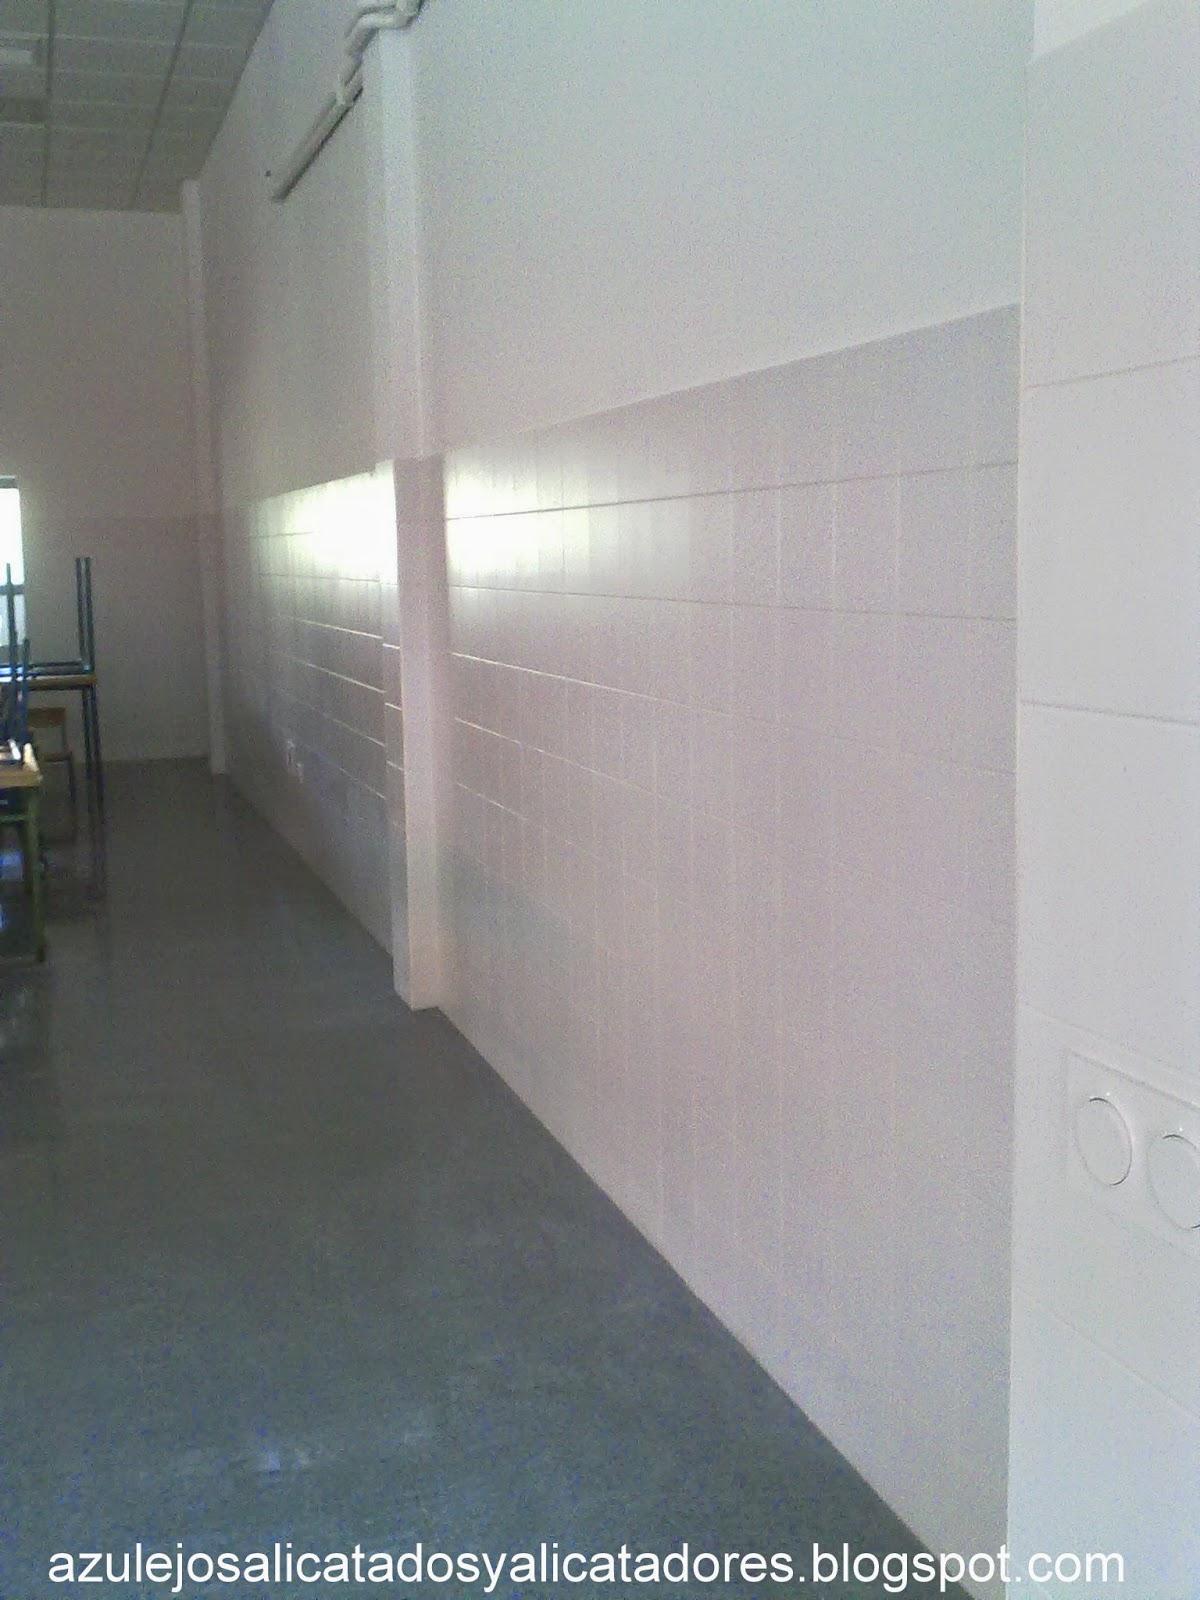 Azulejos alicatados y alicatadores azulejos alicatado for Salon los azulejos